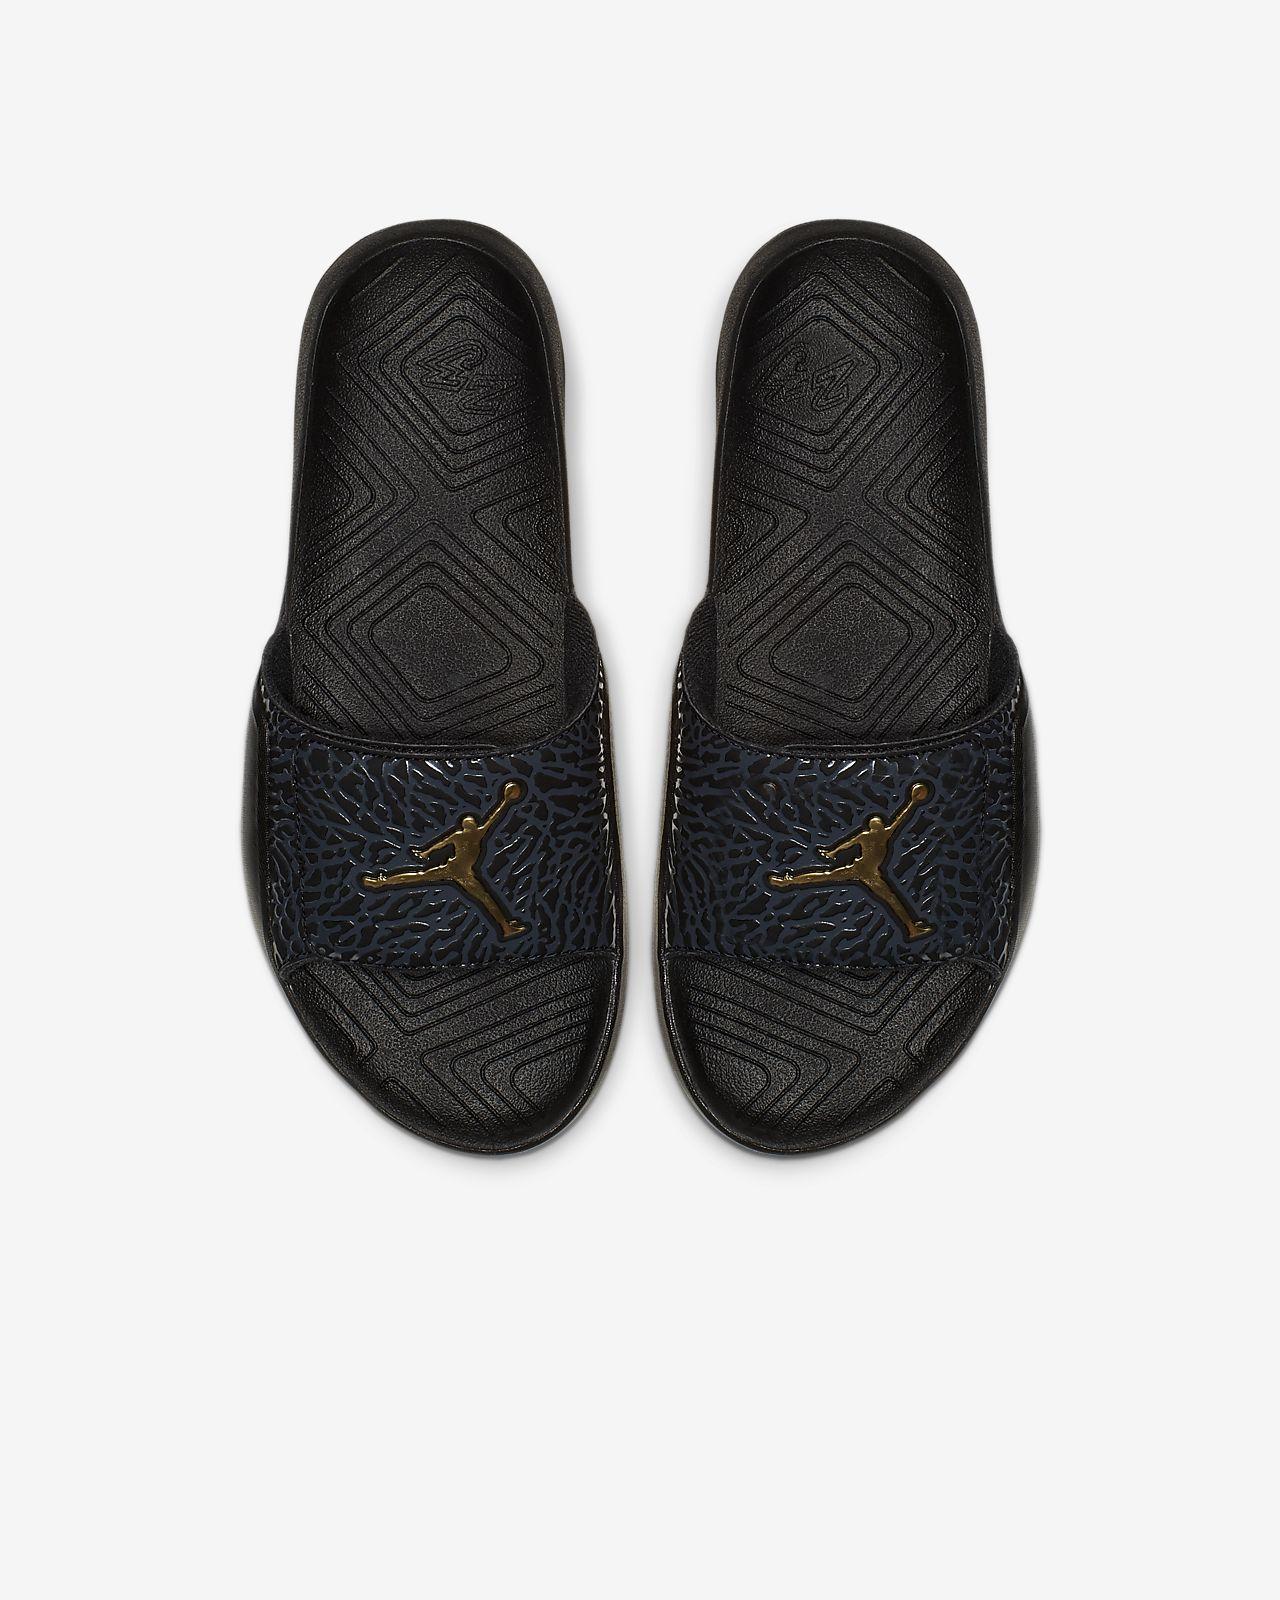 รองเท้าแตะแบบสวม Jordan Hydro 7 V2